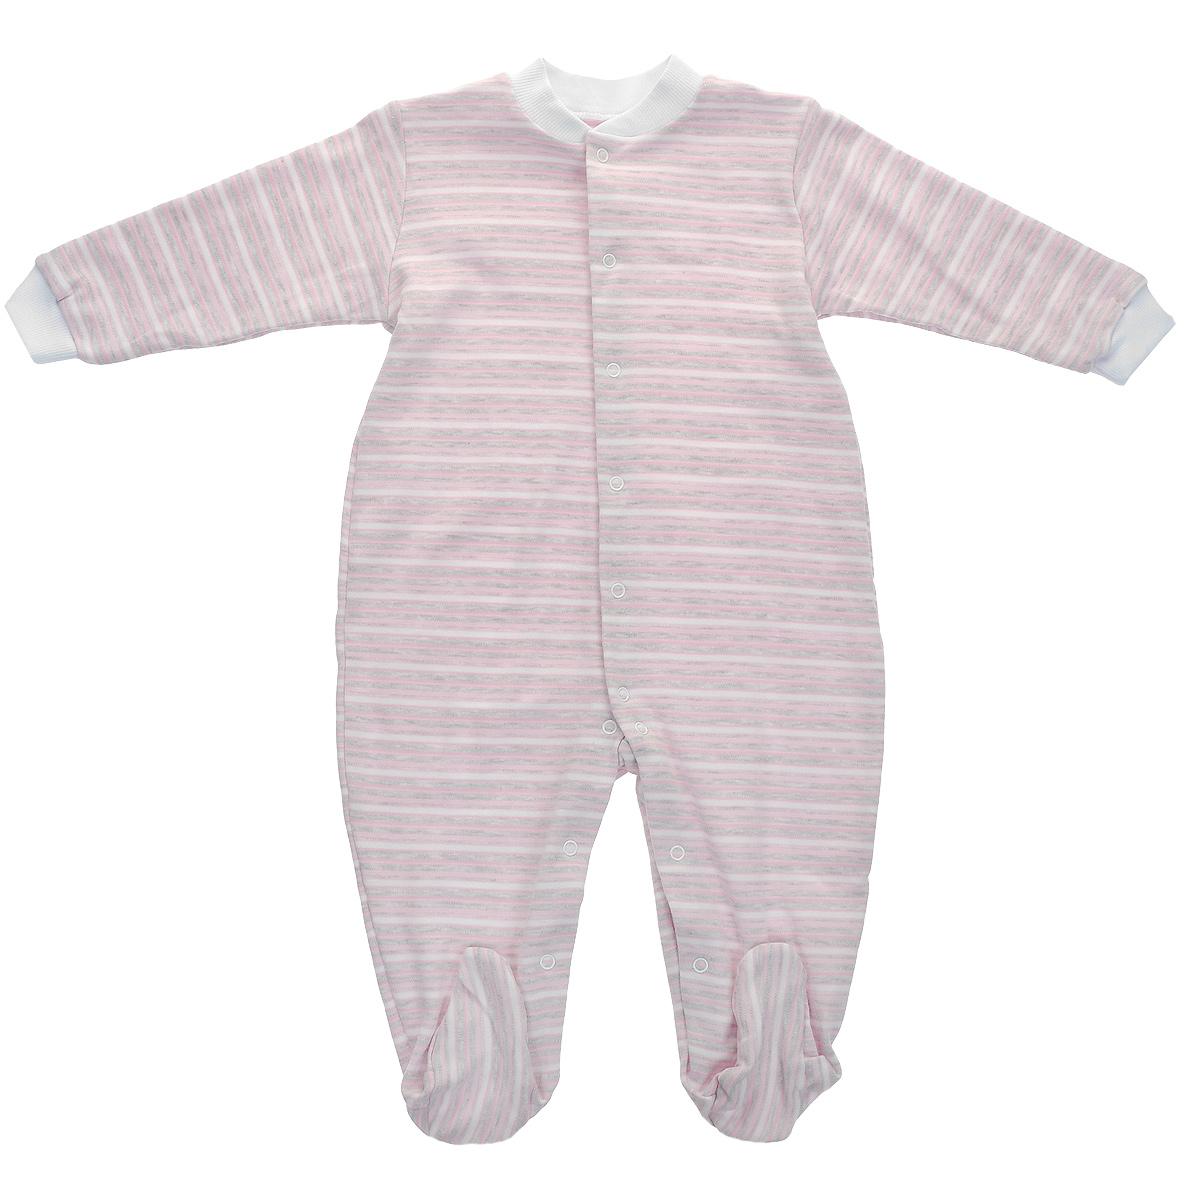 Комбинезон детский Фреш Стайл, цвет: розовый, светло-серый, белый. 39-526. Размер 62, от 0 до 3 месяцев39-526Детский комбинезон Фреш Стайл станет идеальным дополнением к гардеробу вашего ребенка. Изготовленный из натурального хлопка - интерлок-пенье, он необычайно мягкий и приятный на ощупь, не раздражает нежную кожу ребенка и хорошо вентилируется. Комбинезон с длинными рукавами, закрытыми ножками и небольшим воротником-стойкой застегиваются спереди на металлические кнопки по всей длине и на ластовице, что облегчает переодевание ребенка и смену подгузника. Горловина и манжеты дополнены трикотажной эластичной резинкой. Оформлен комбинезон принтом в полоску.Оригинальное сочетание тканей и забавный рисунок делают этот предмет детской одежды оригинальным и стильным.